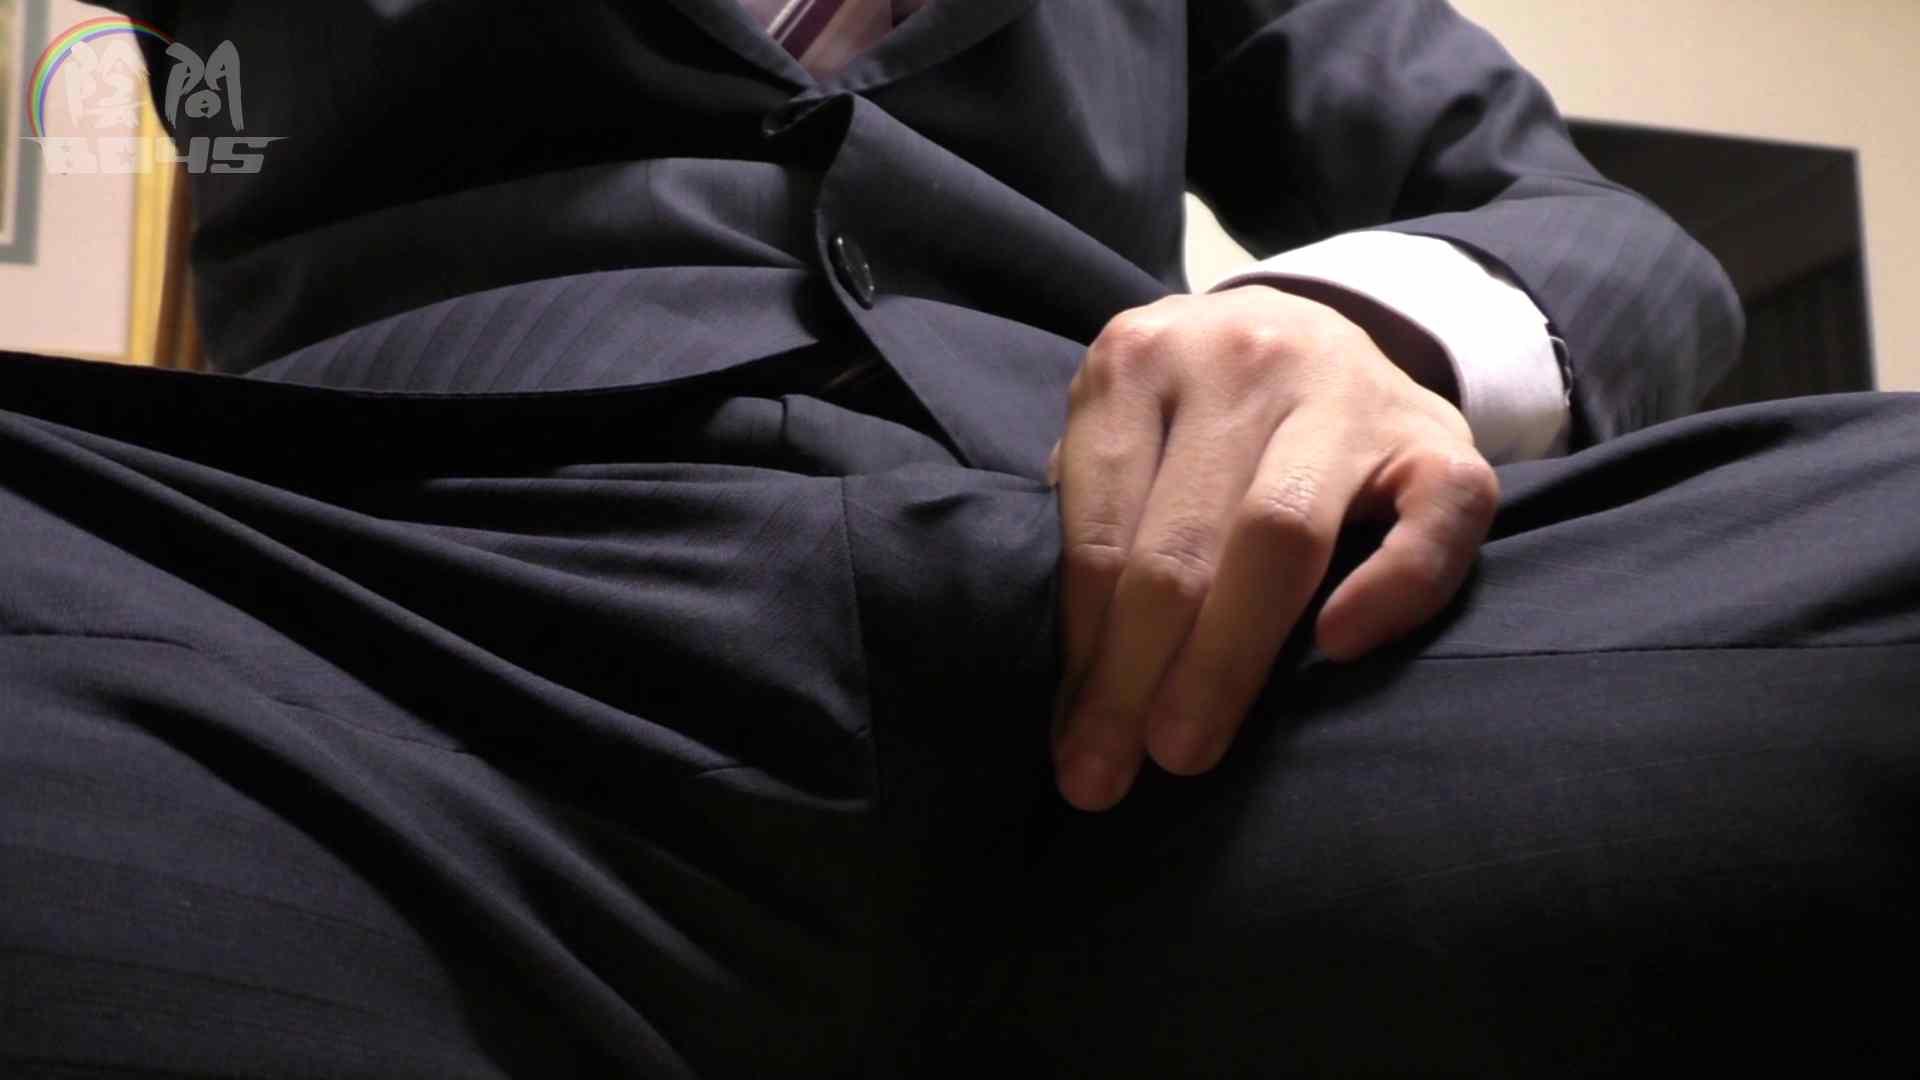 """【期間限定配信】キャバクラの仕事は""""アナル""""から2 Vol.01 HTDV ゲイフリーエロ画像 56pic 17"""